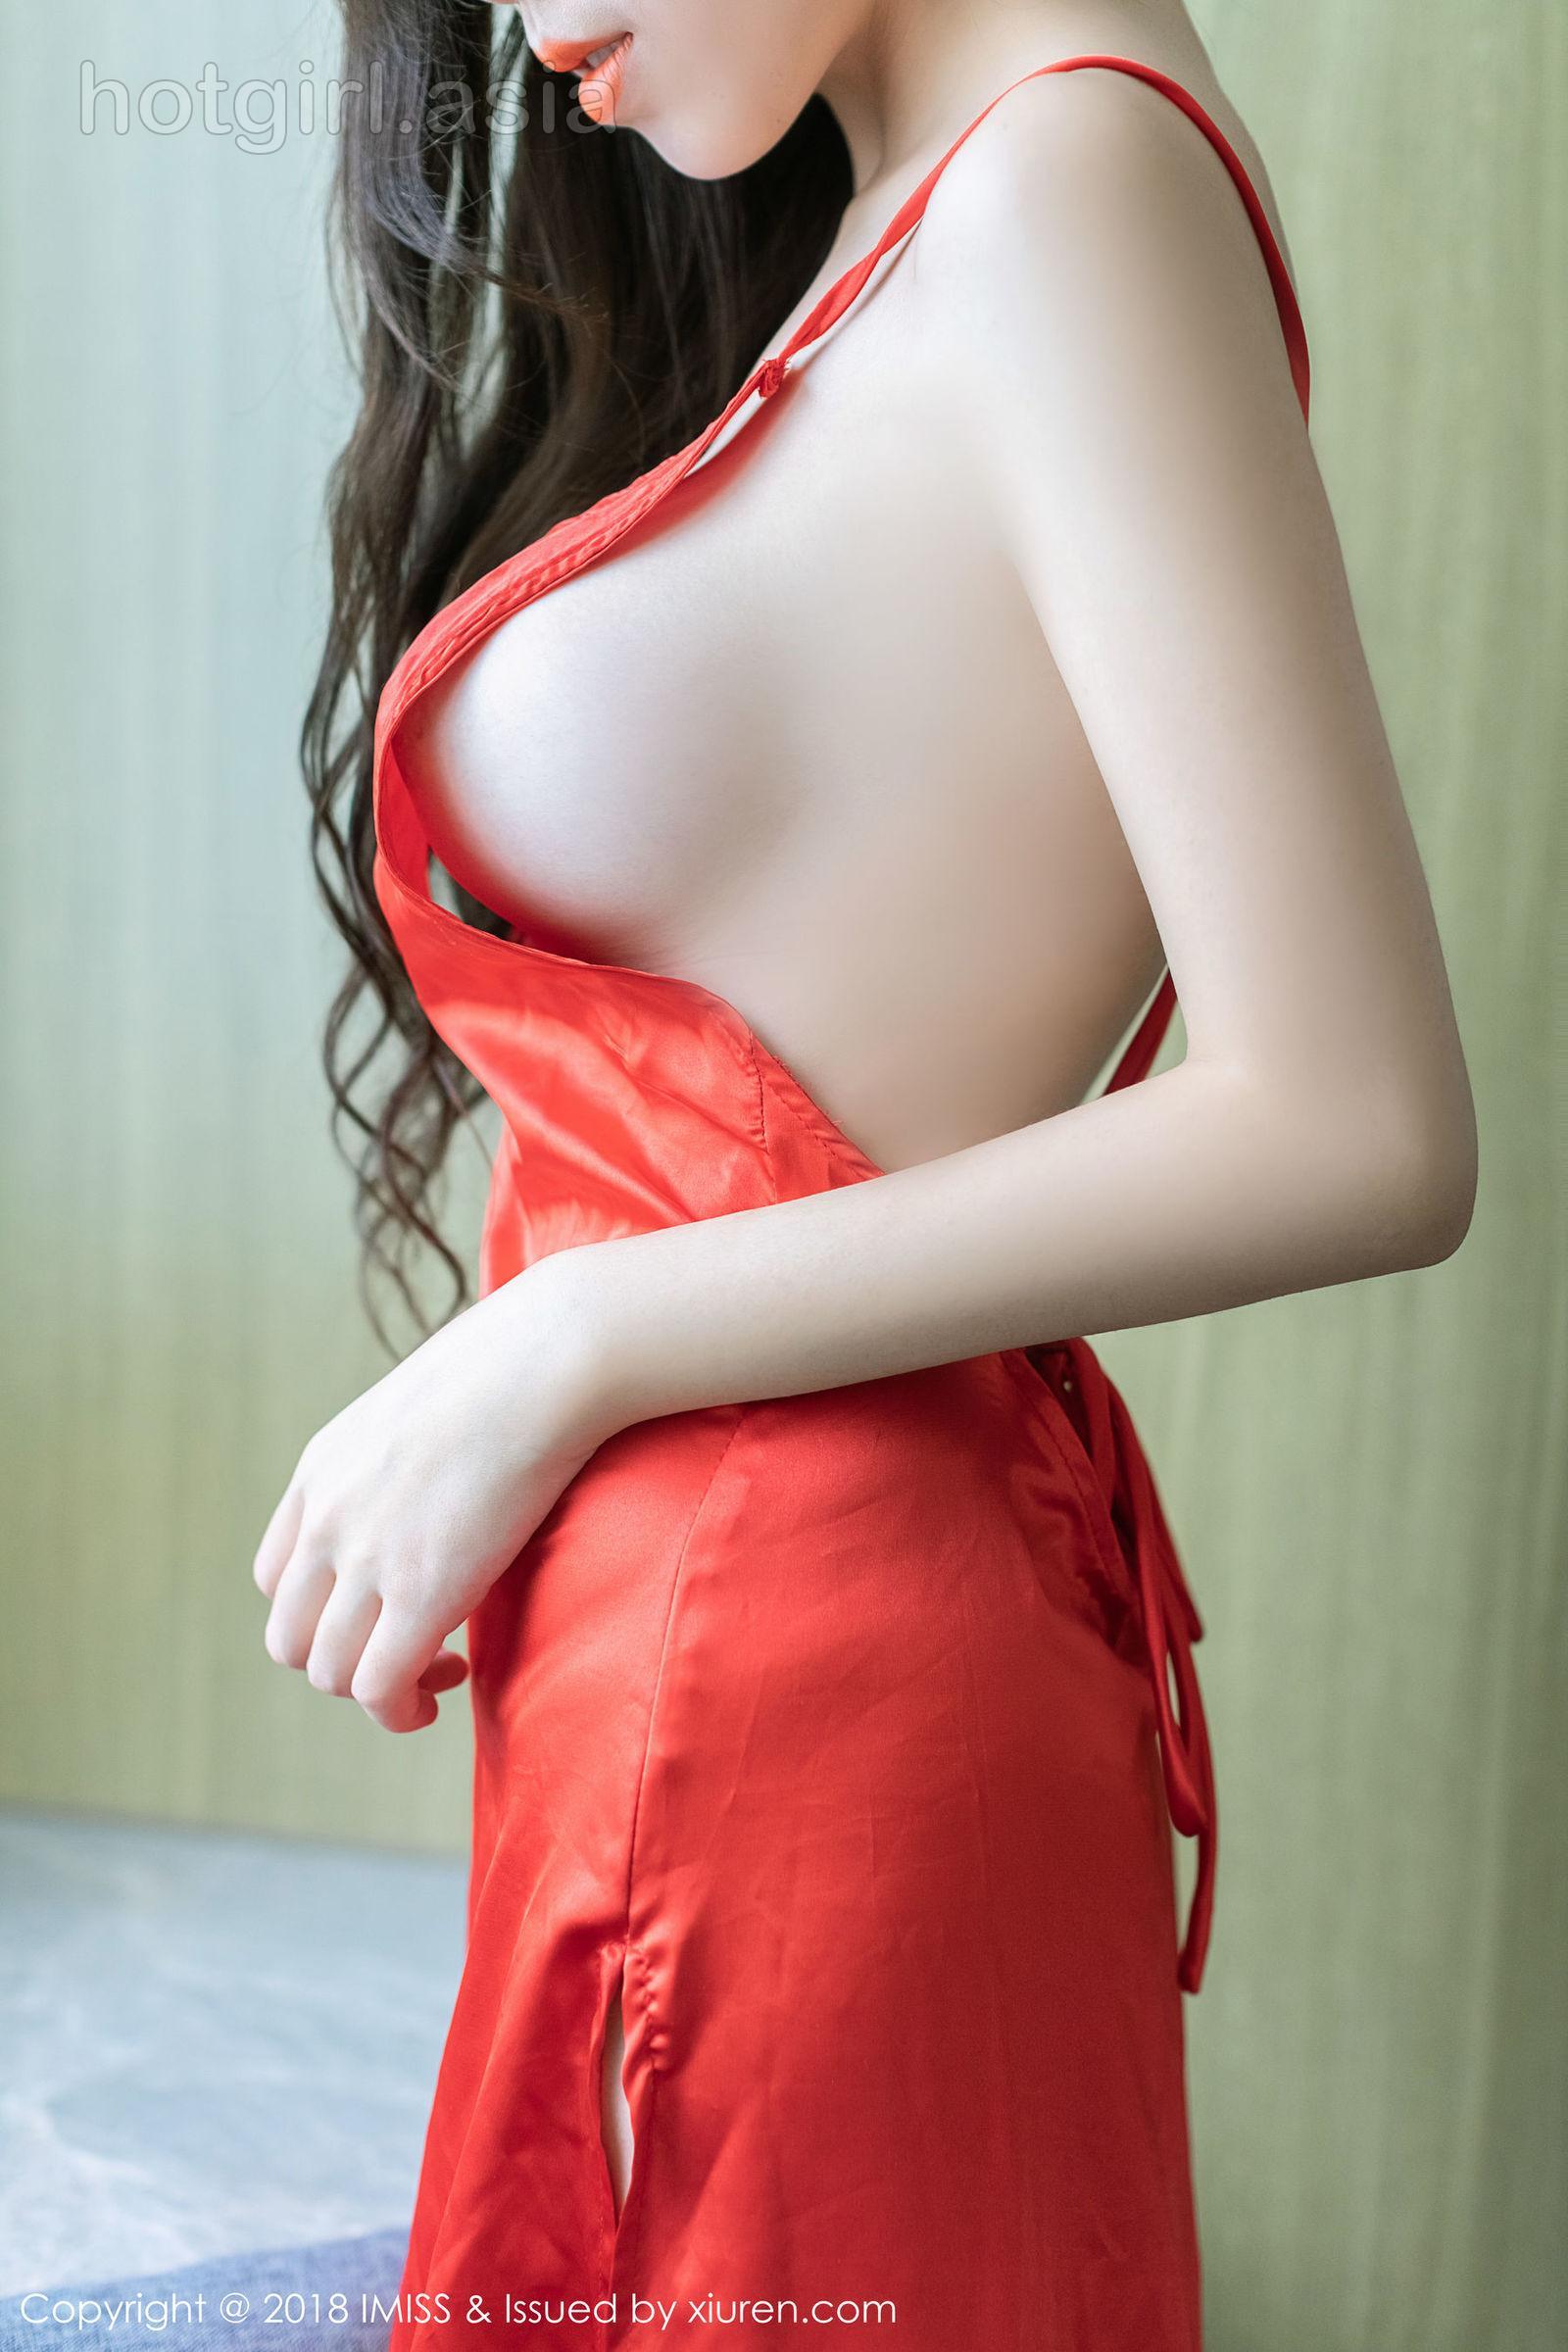 [IMiss 爱 蜜 社] Vol.281 Pretty Newcomer @ 冰冰 儿 第一 写真